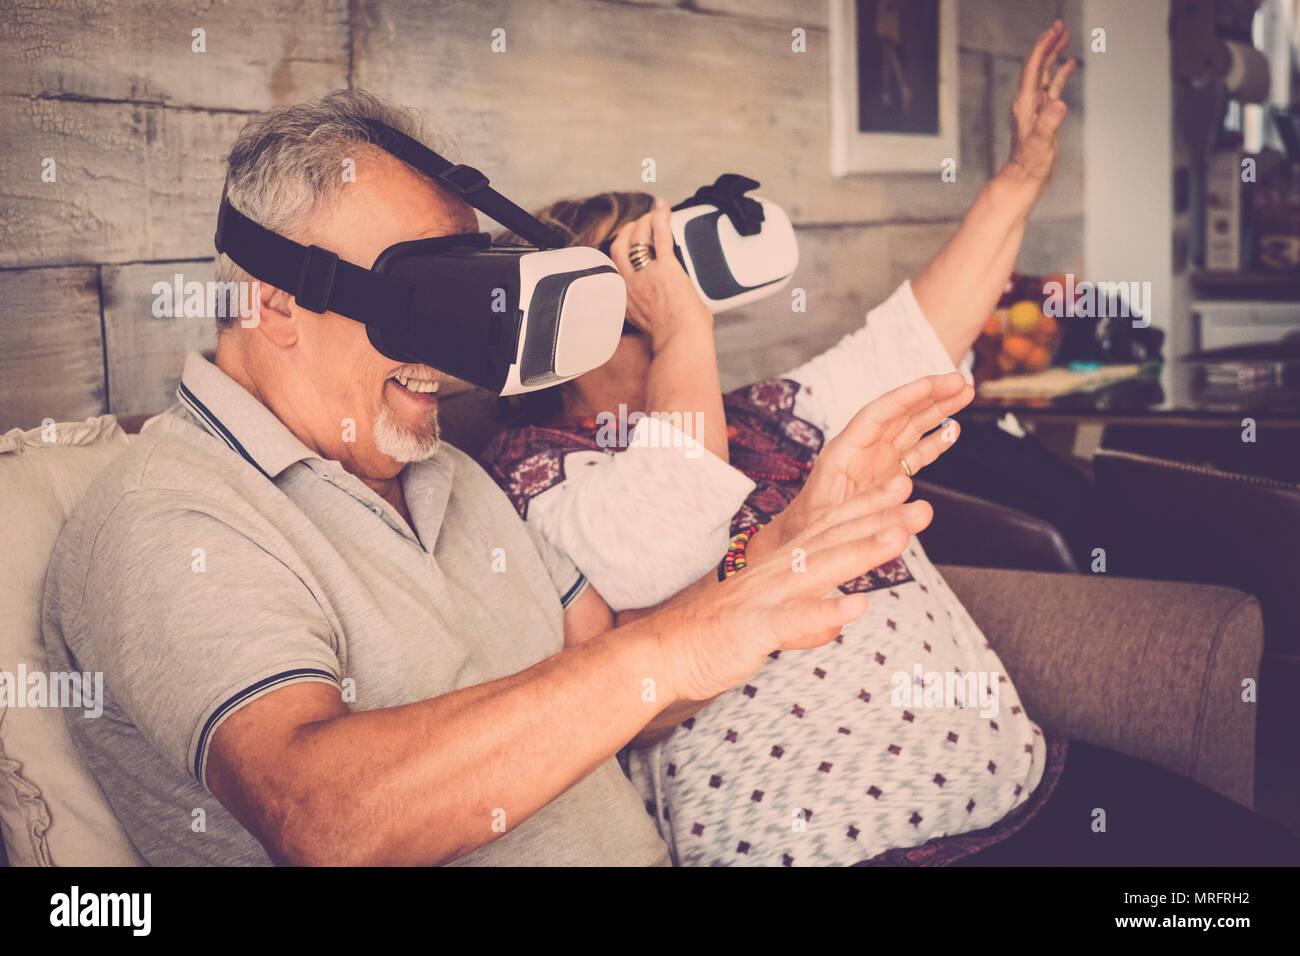 Senior l uomo e la donna con gli occhiali di protezione auricolare di realtà virtuale occhiali di giocare e divertirsi seduti sul divano di casa. Filtro a caldo e la vita insieme c Foto Stock